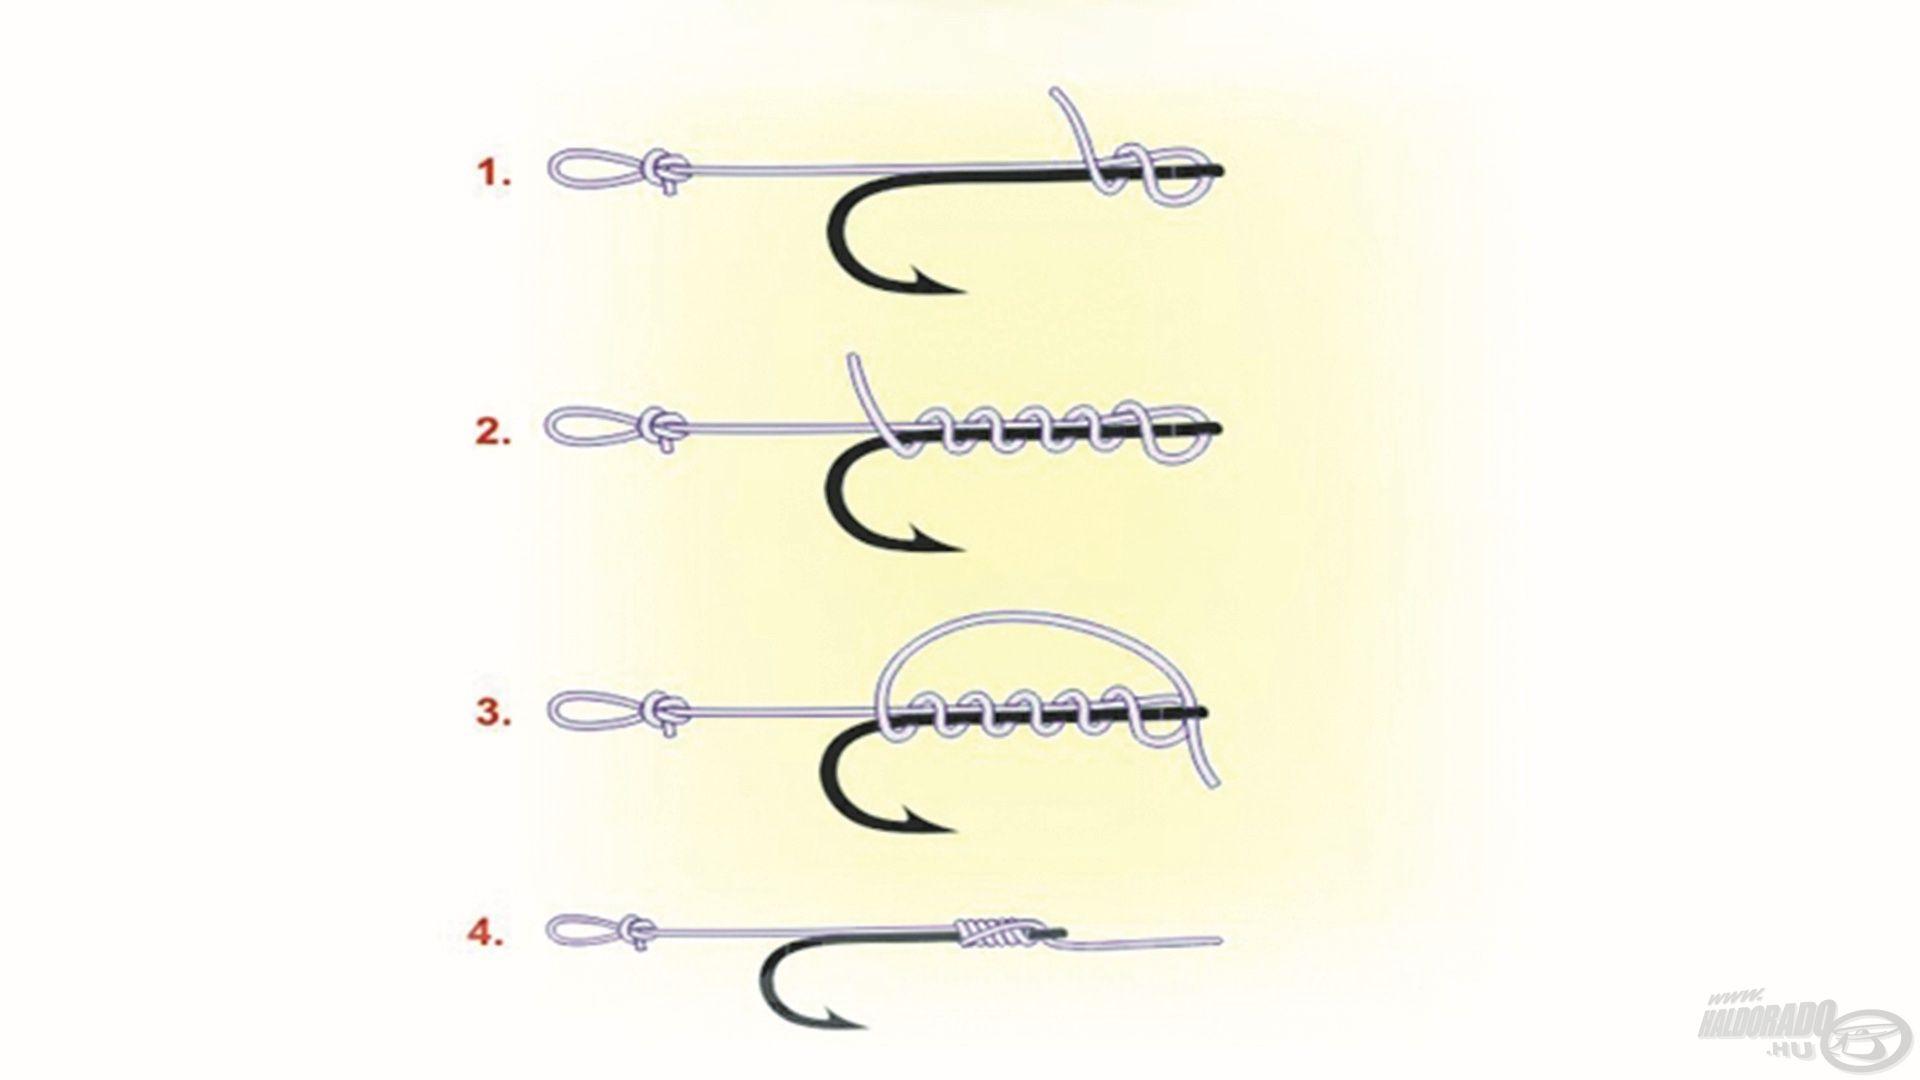 2. lépés: egy csomómentes kötéssel fel kell kötni a horgot (az ábrán a hajszálelőke véghurokkal van lezárva, nekünk ott van a csalitüske)